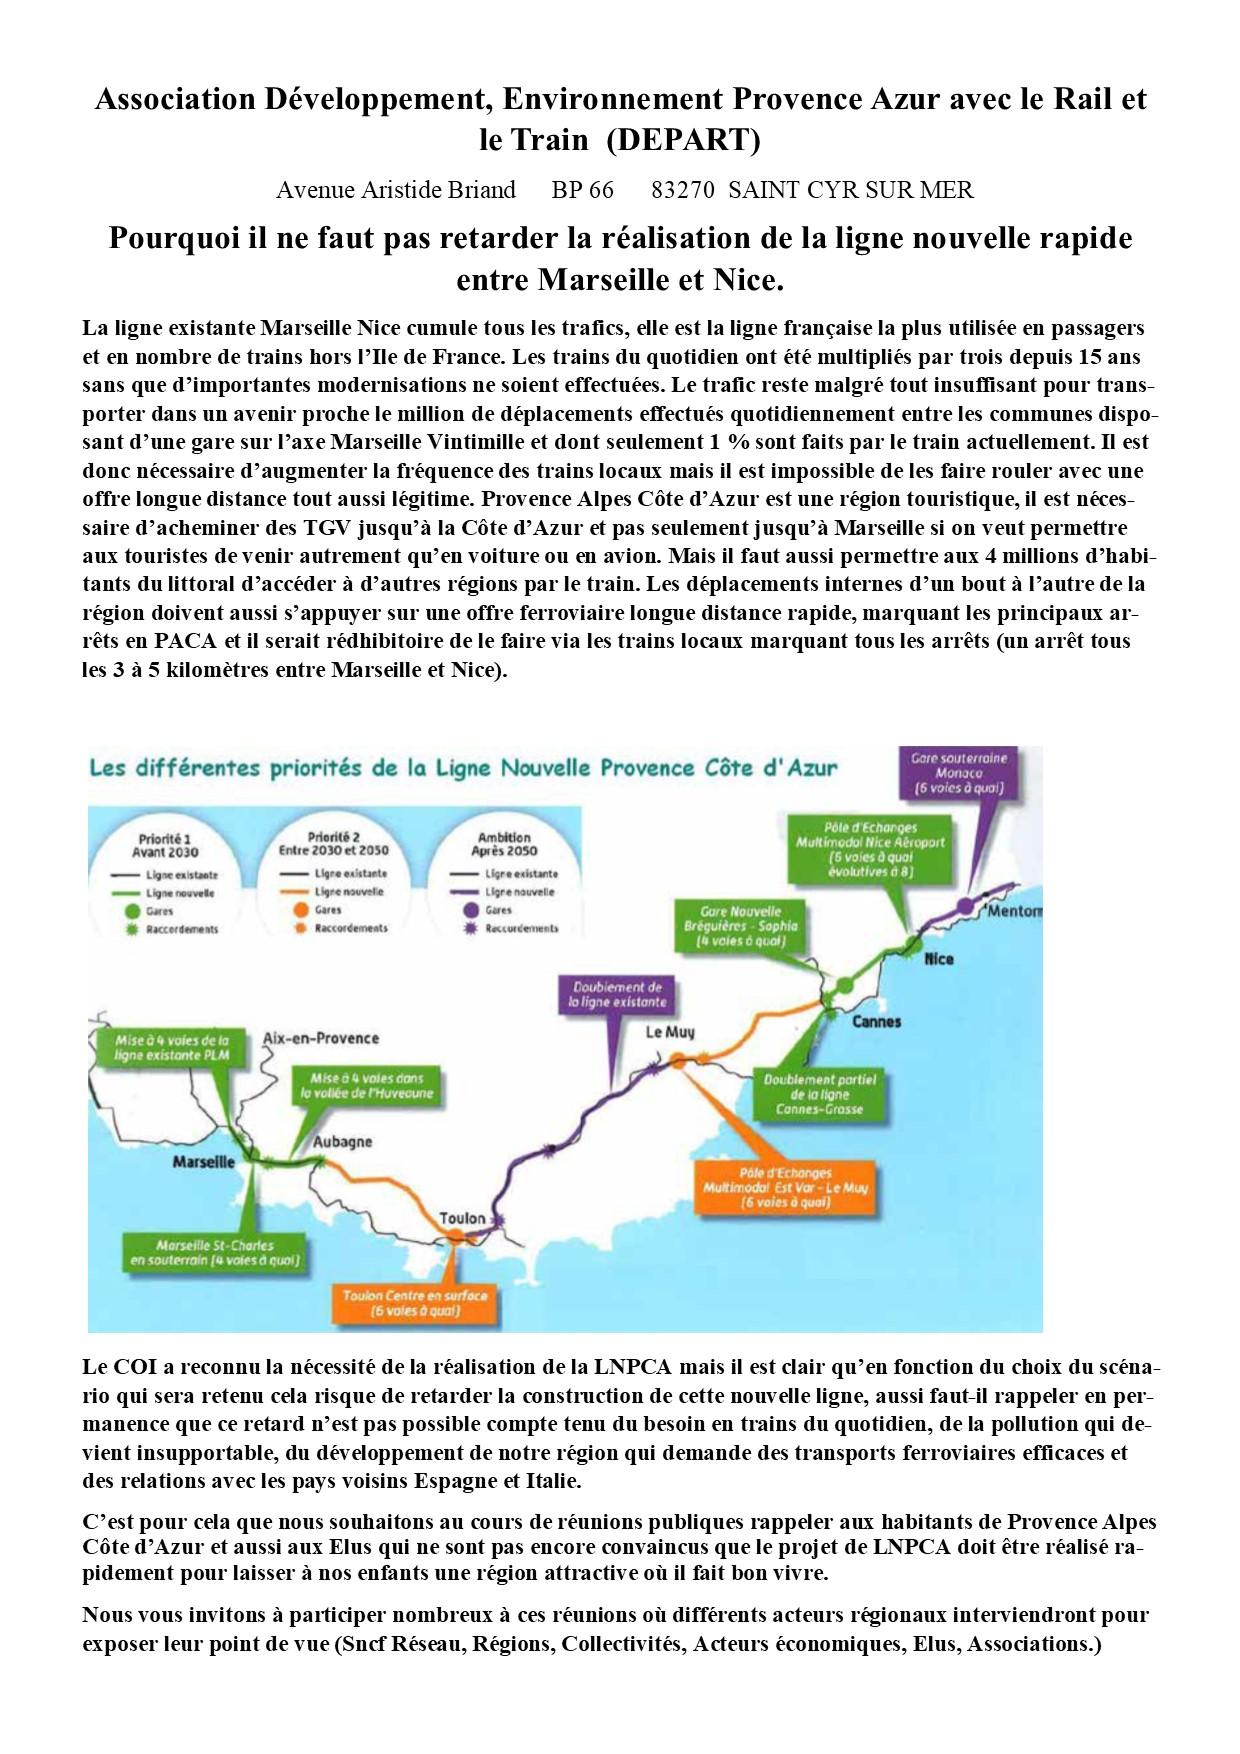 Pourquoi il ne faut pas retarder la réalisation de la ligne nouvelle rapide entre Marseille et Nice.